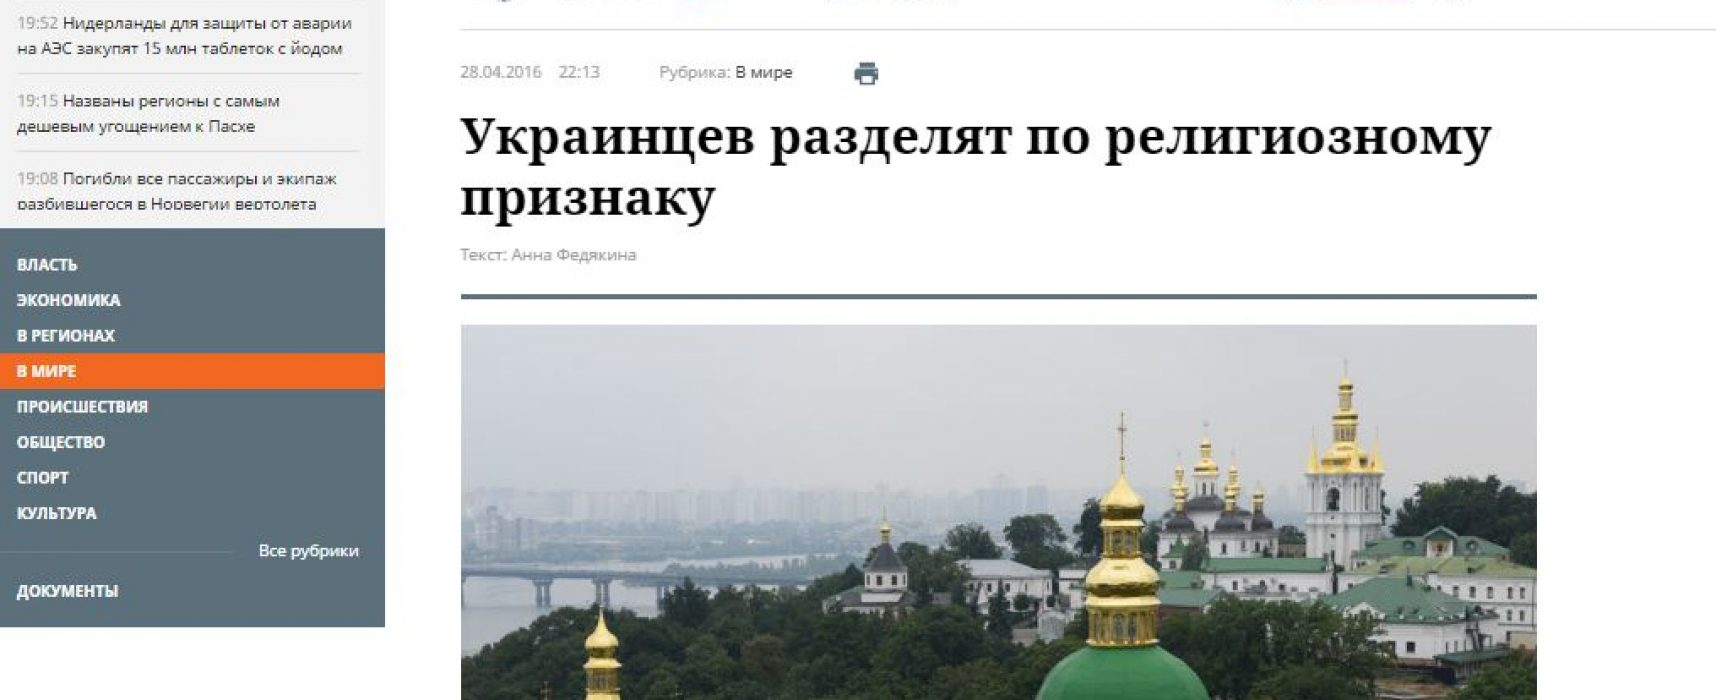 Фейк: Украинцев разделят по религиозному признаку